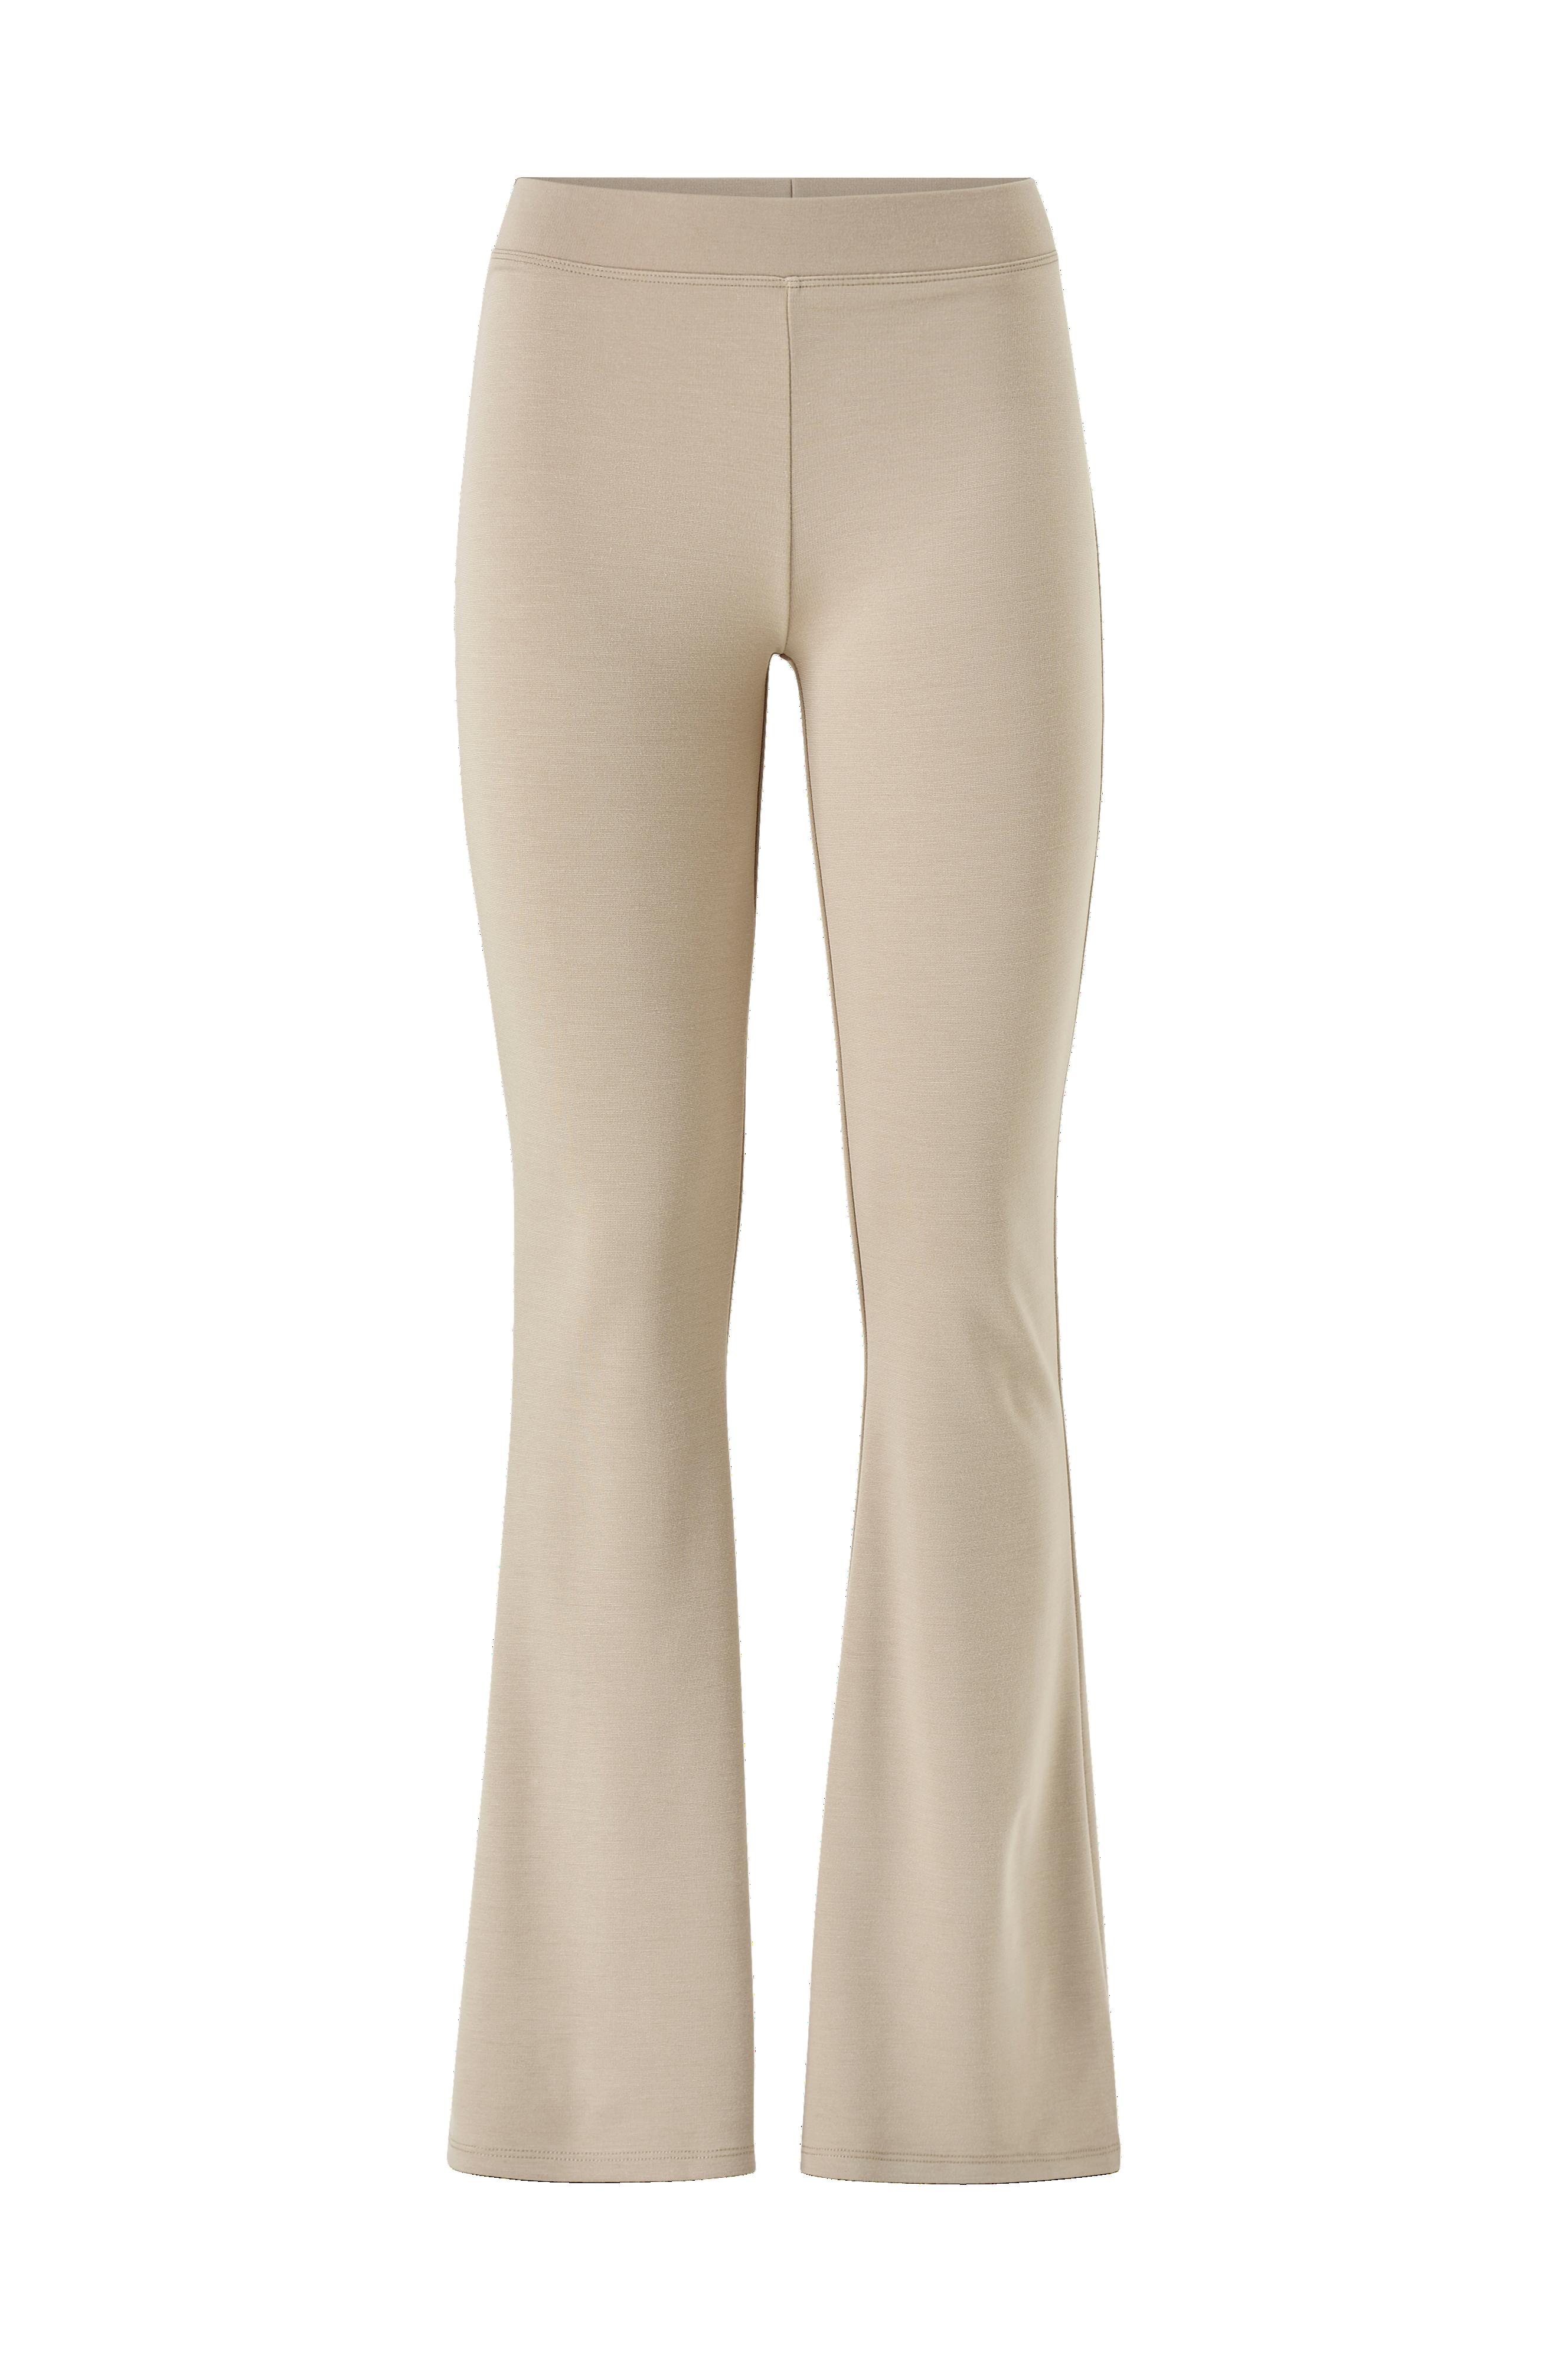 Bukse Petra Trousers Short